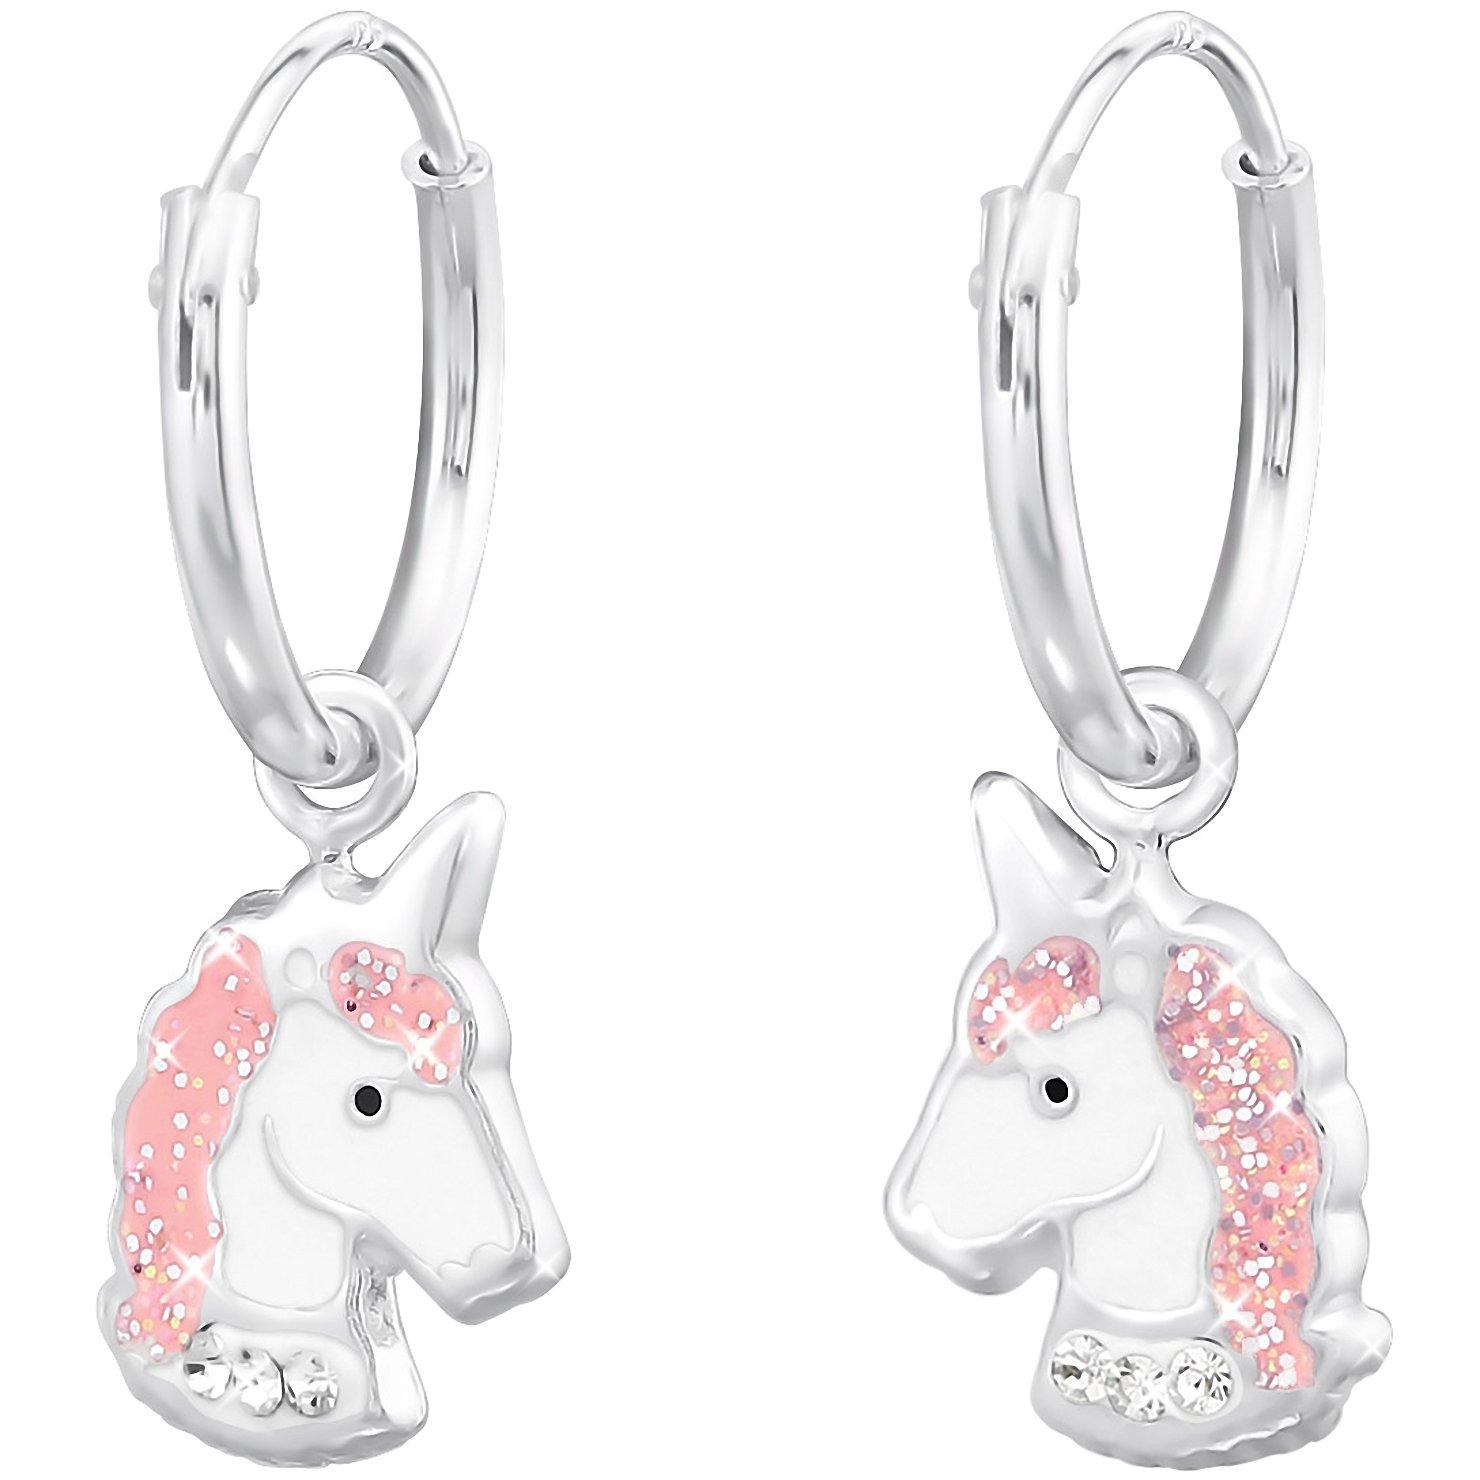 con cristales de color rosa y blanco de 23 x 8 mm Aros infantiles con colgante de unicornio para ni/ña de plata de ley 925 de Jayare